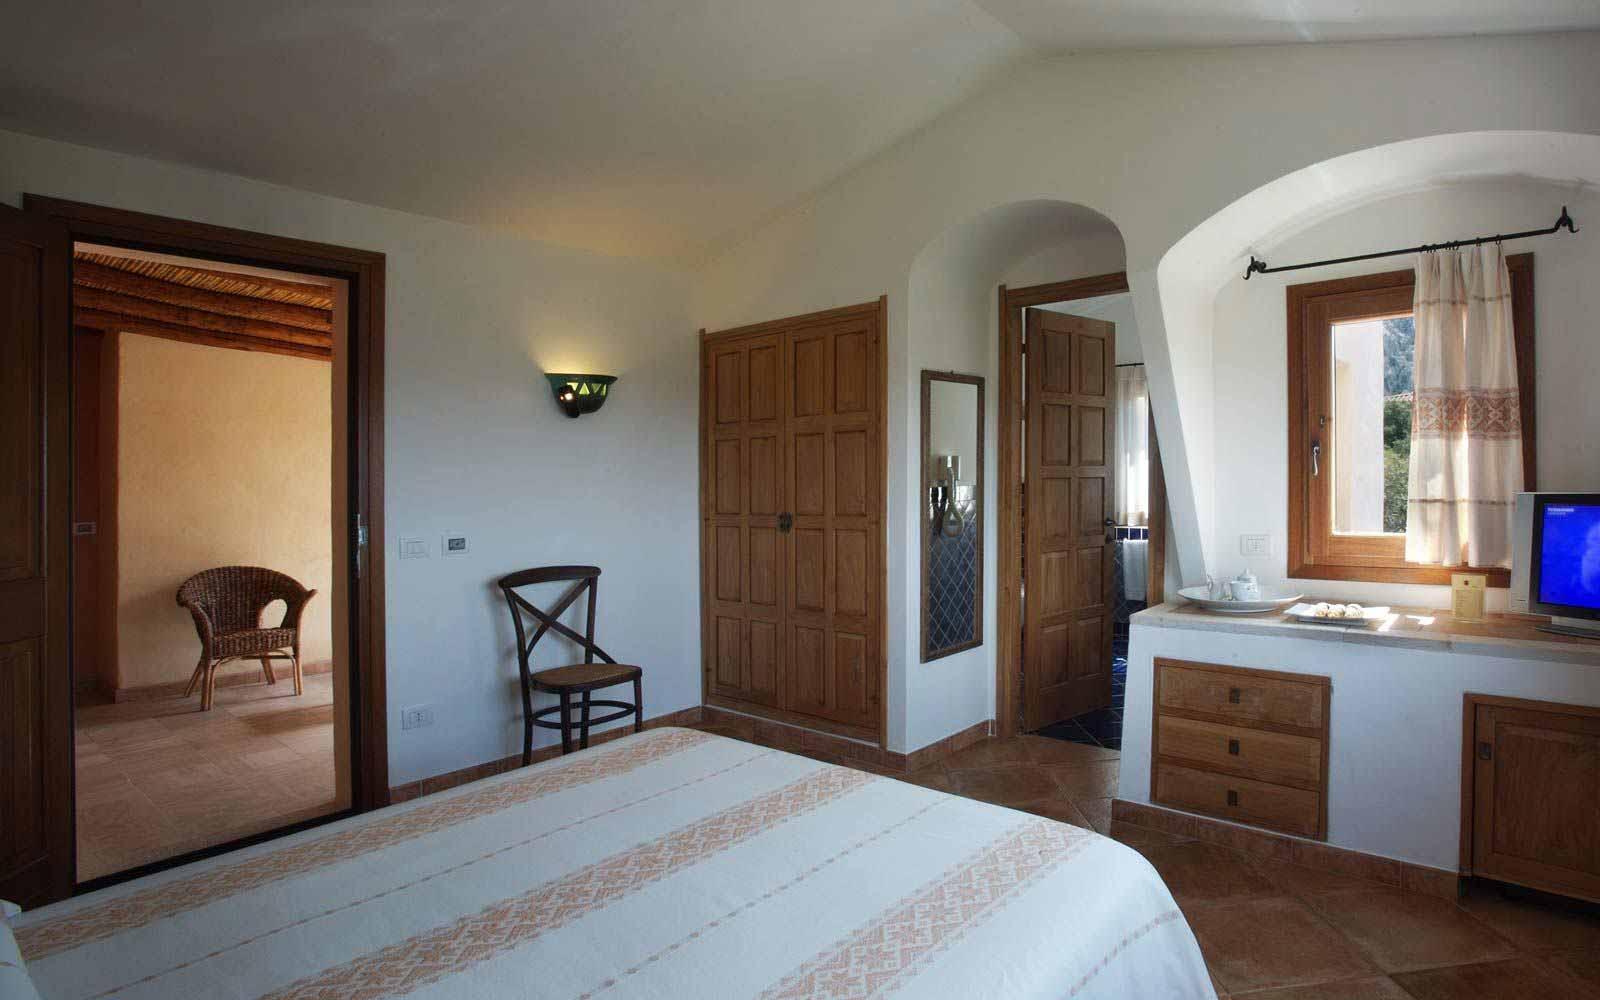 Standard room at Hotel Arathena